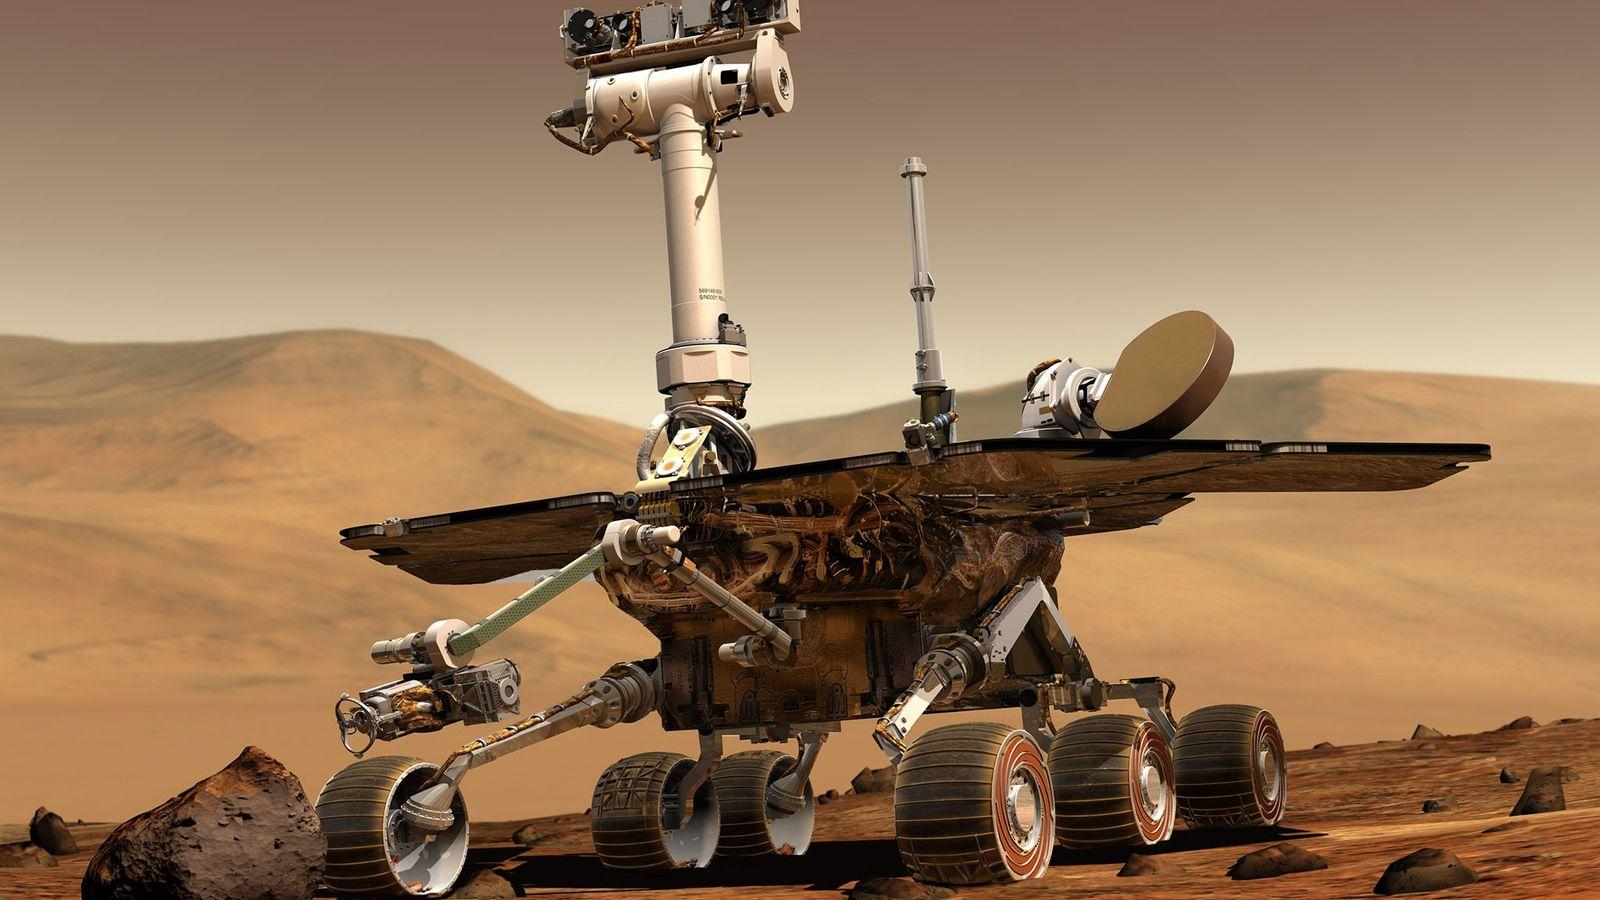 Róver de exploración marciana